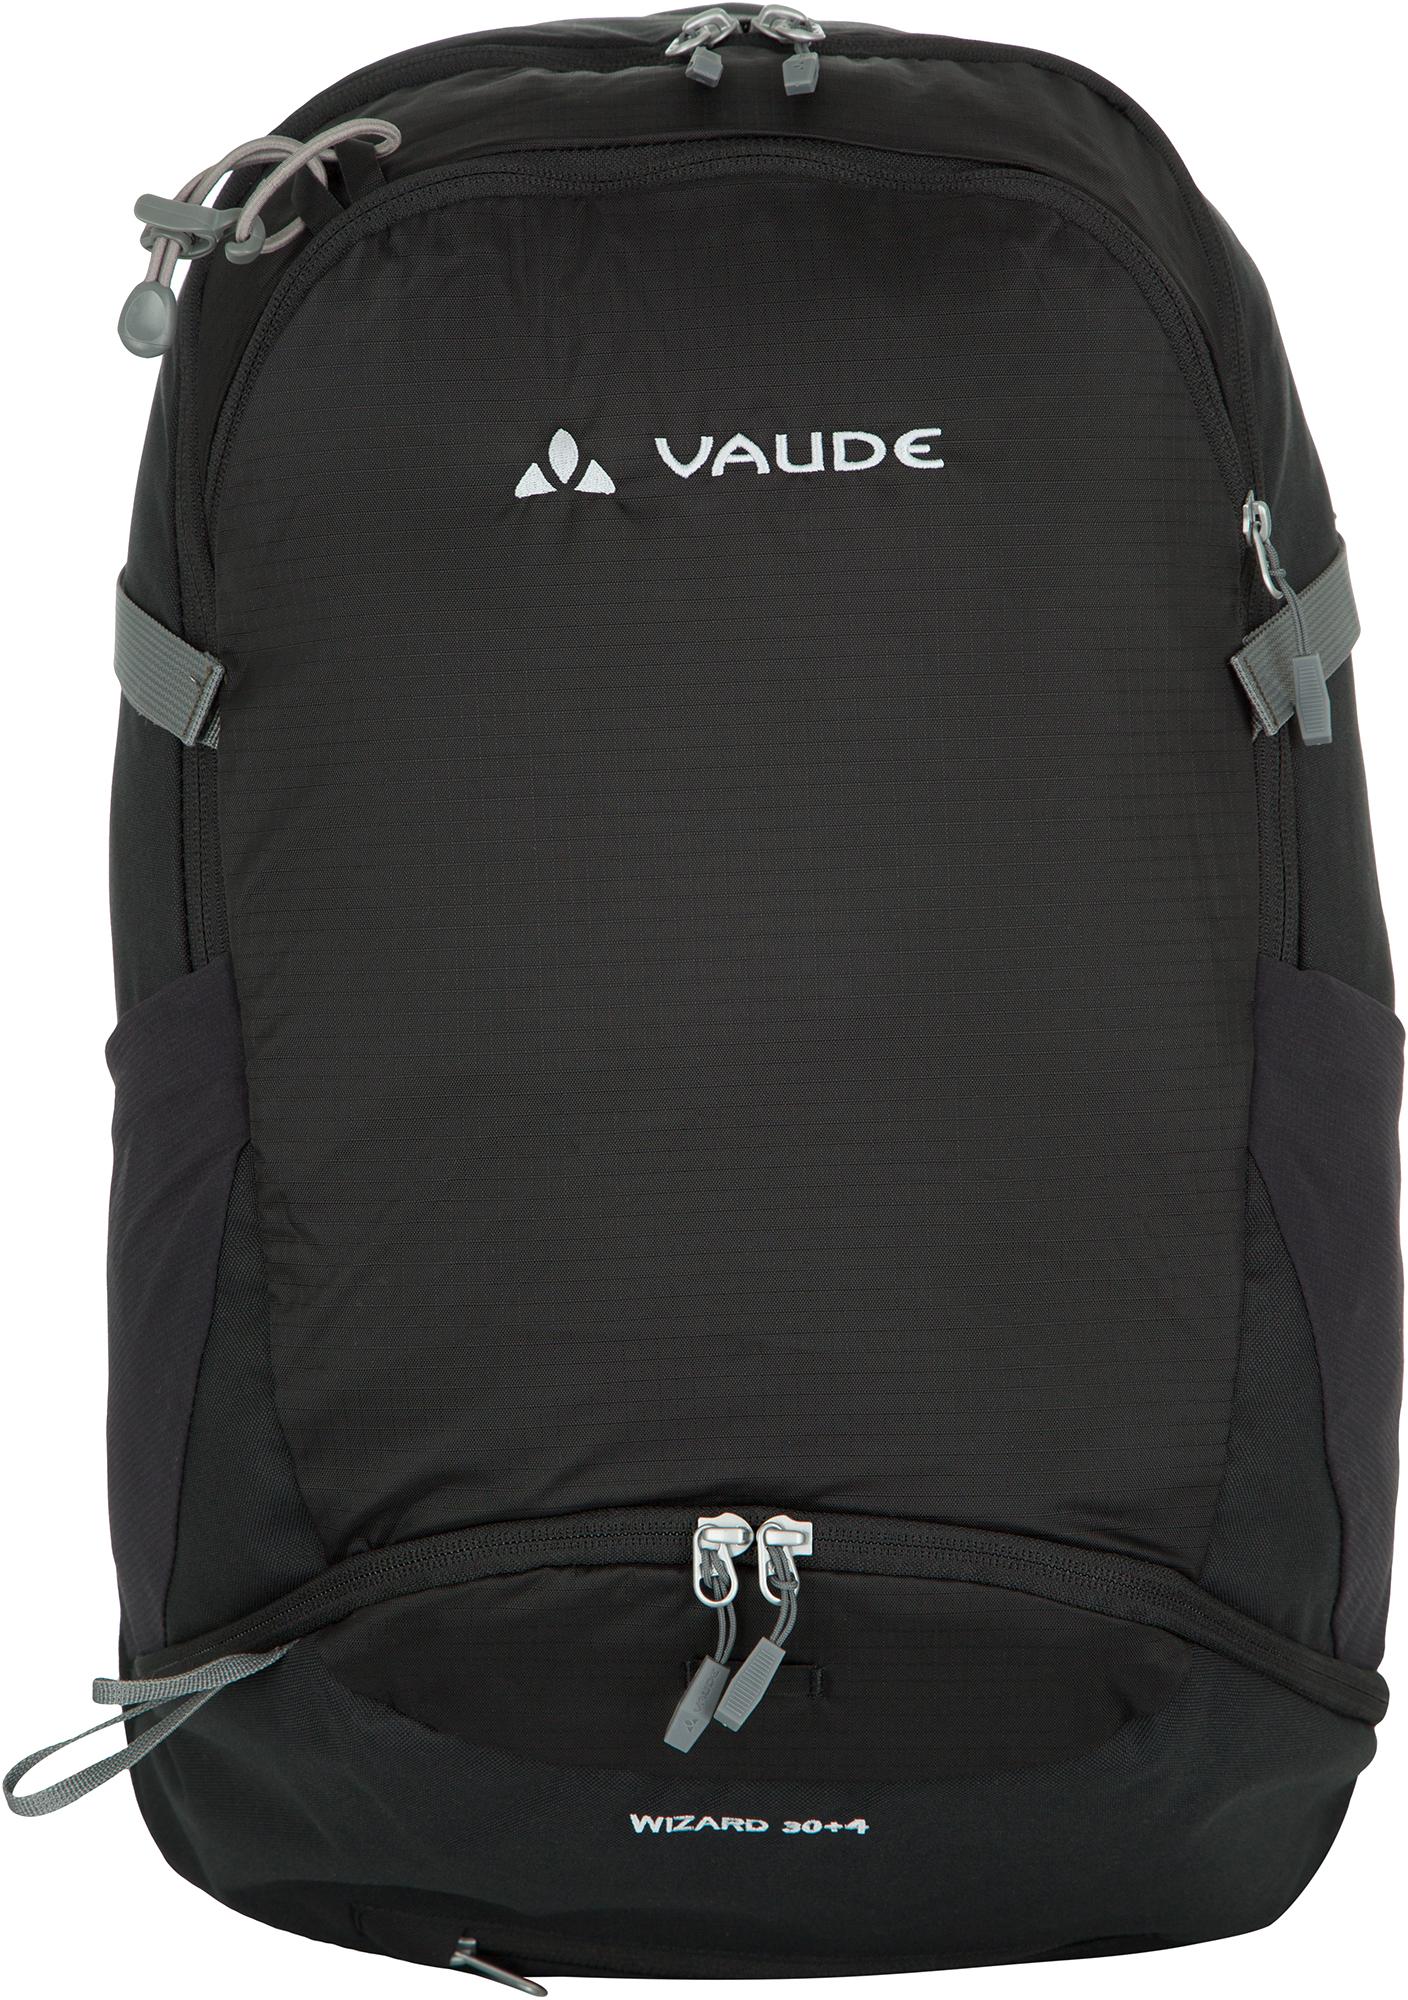 Vaude VauDe Wizard 30+4